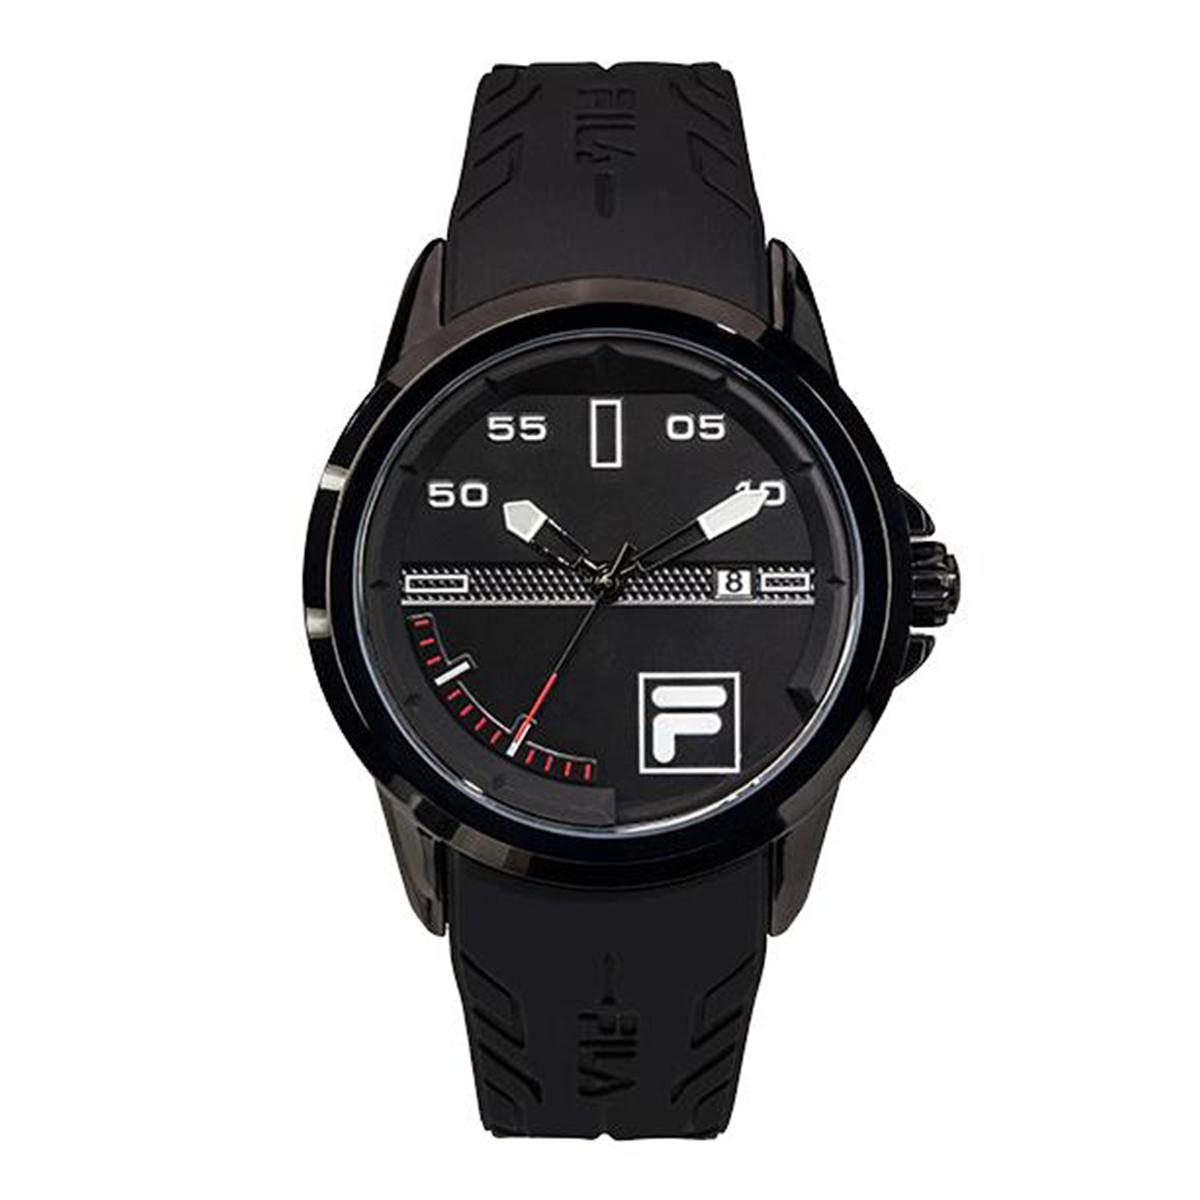 ساعت مچی عقربه ای مردانه فیلا مدل 38-170-001              ارزان